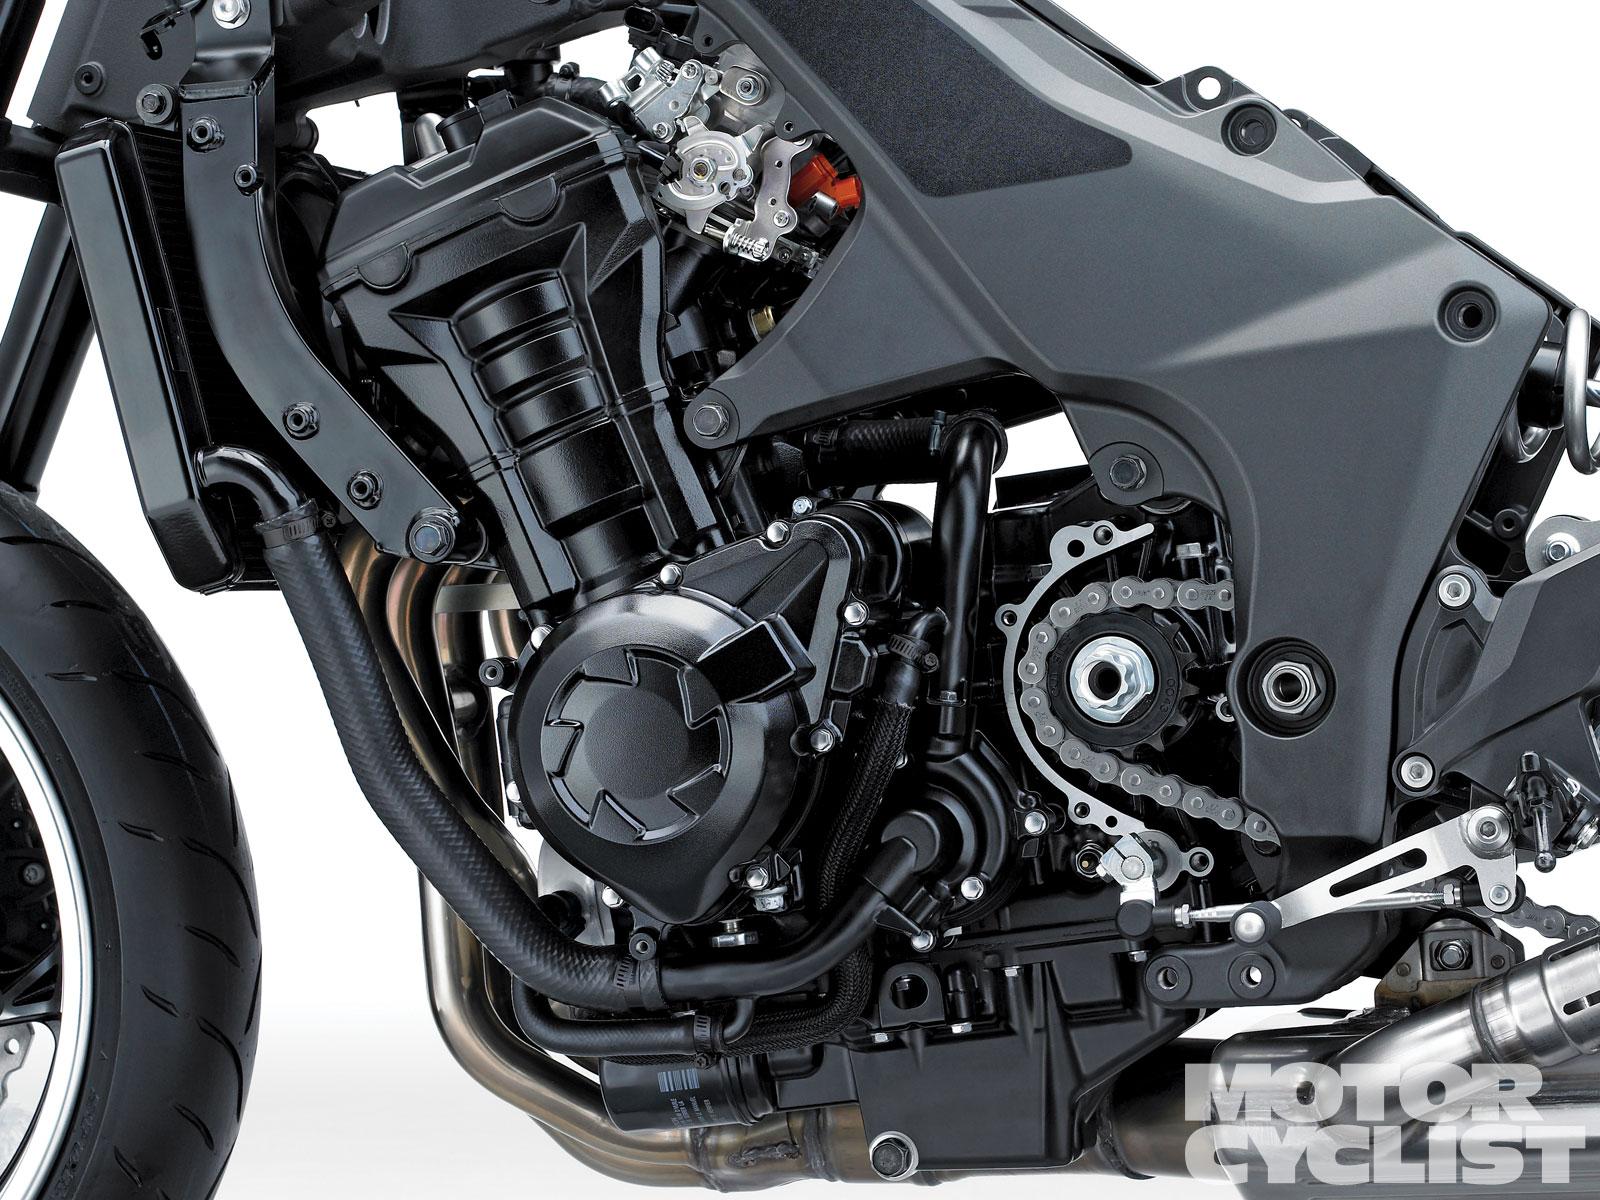 KAWASAKI Z1000 engine